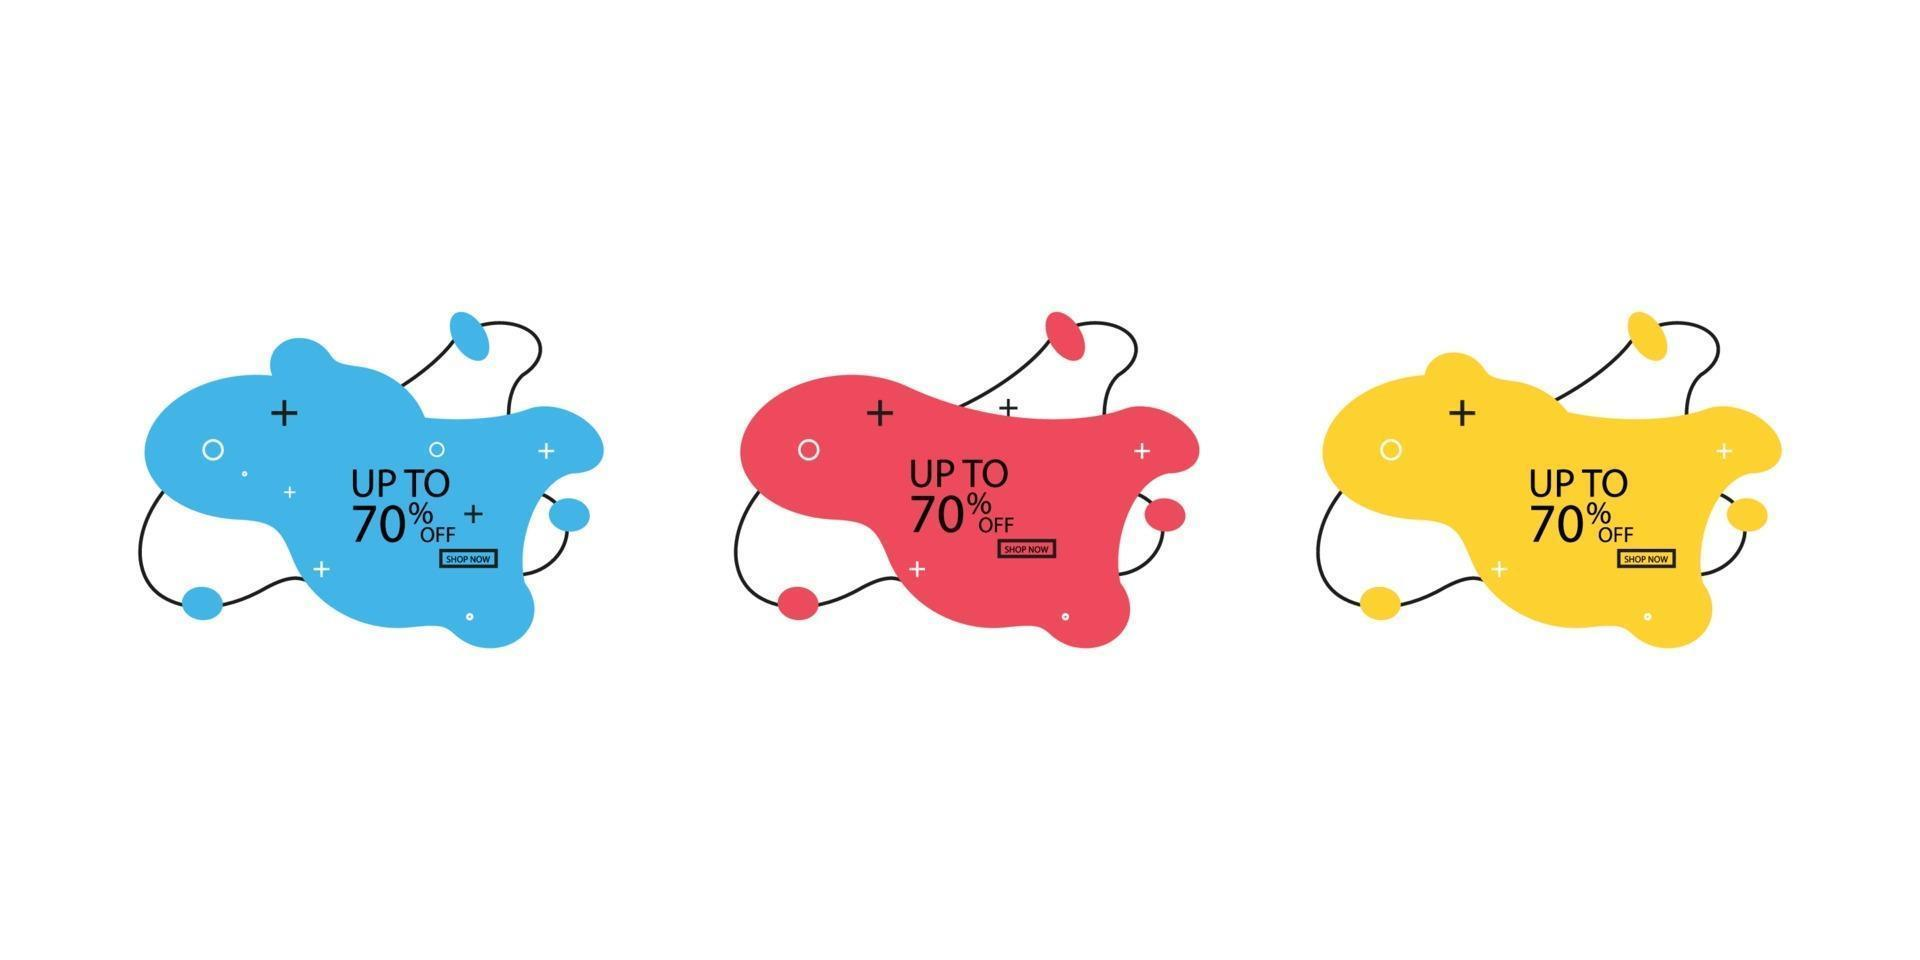 trendig banner från flytande bubblor. uppsättning försäljningsbanners med trendiga former. vektor rabatt banners.